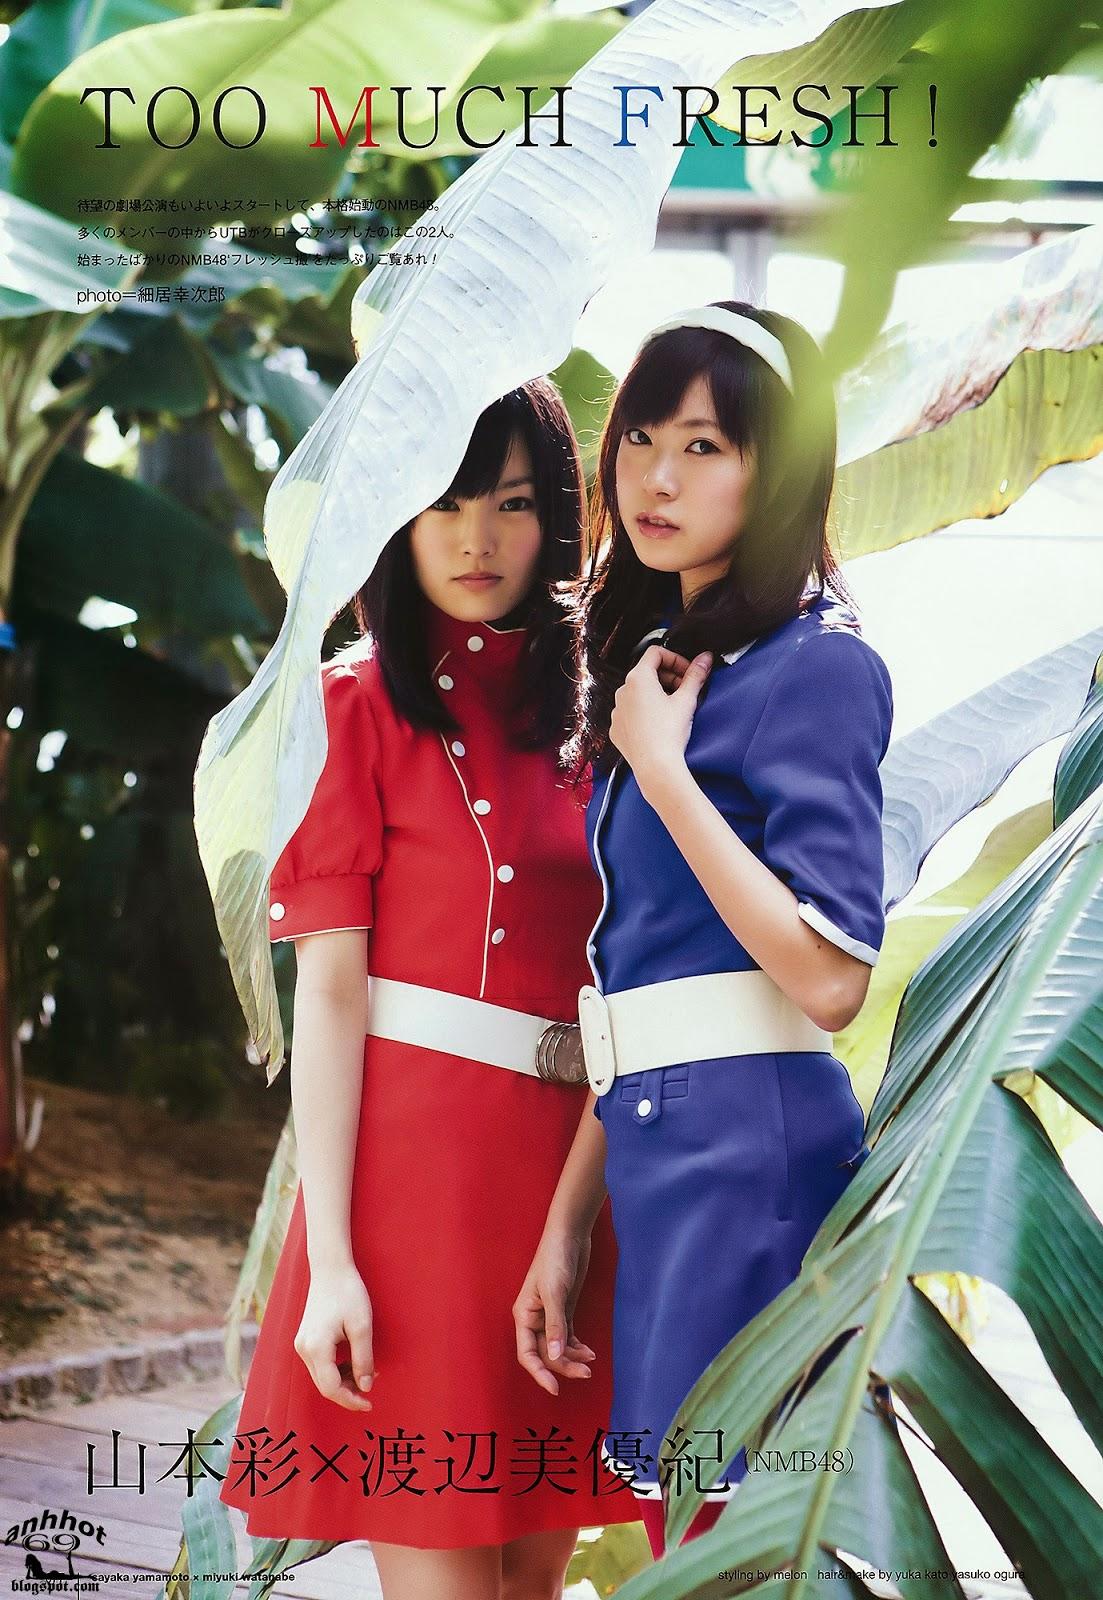 sayaka-yamamoto-01269856